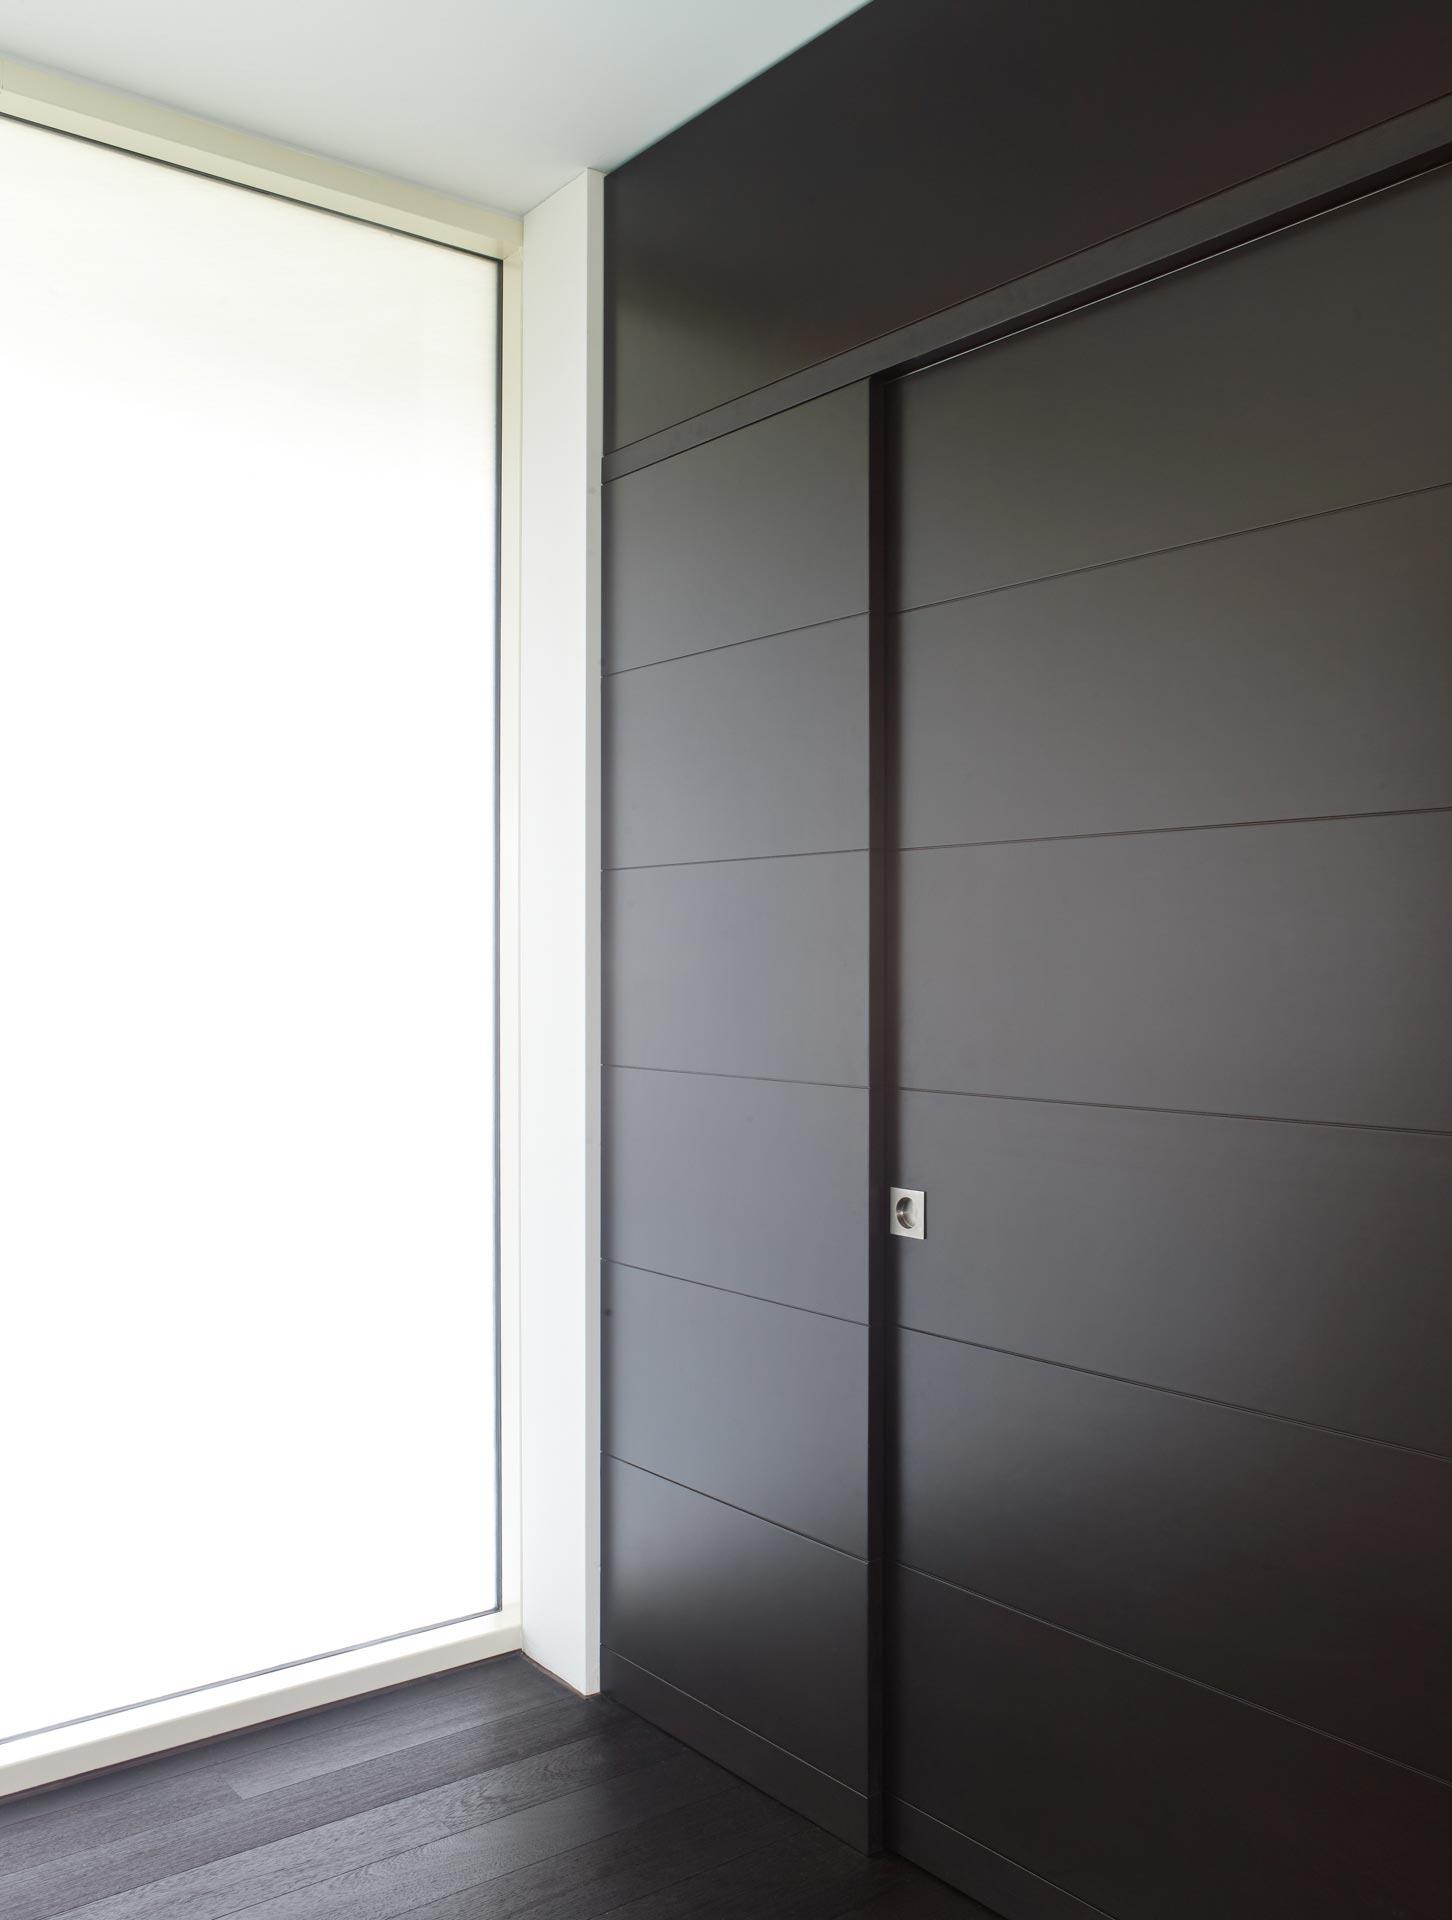 dettaglio parete e porta